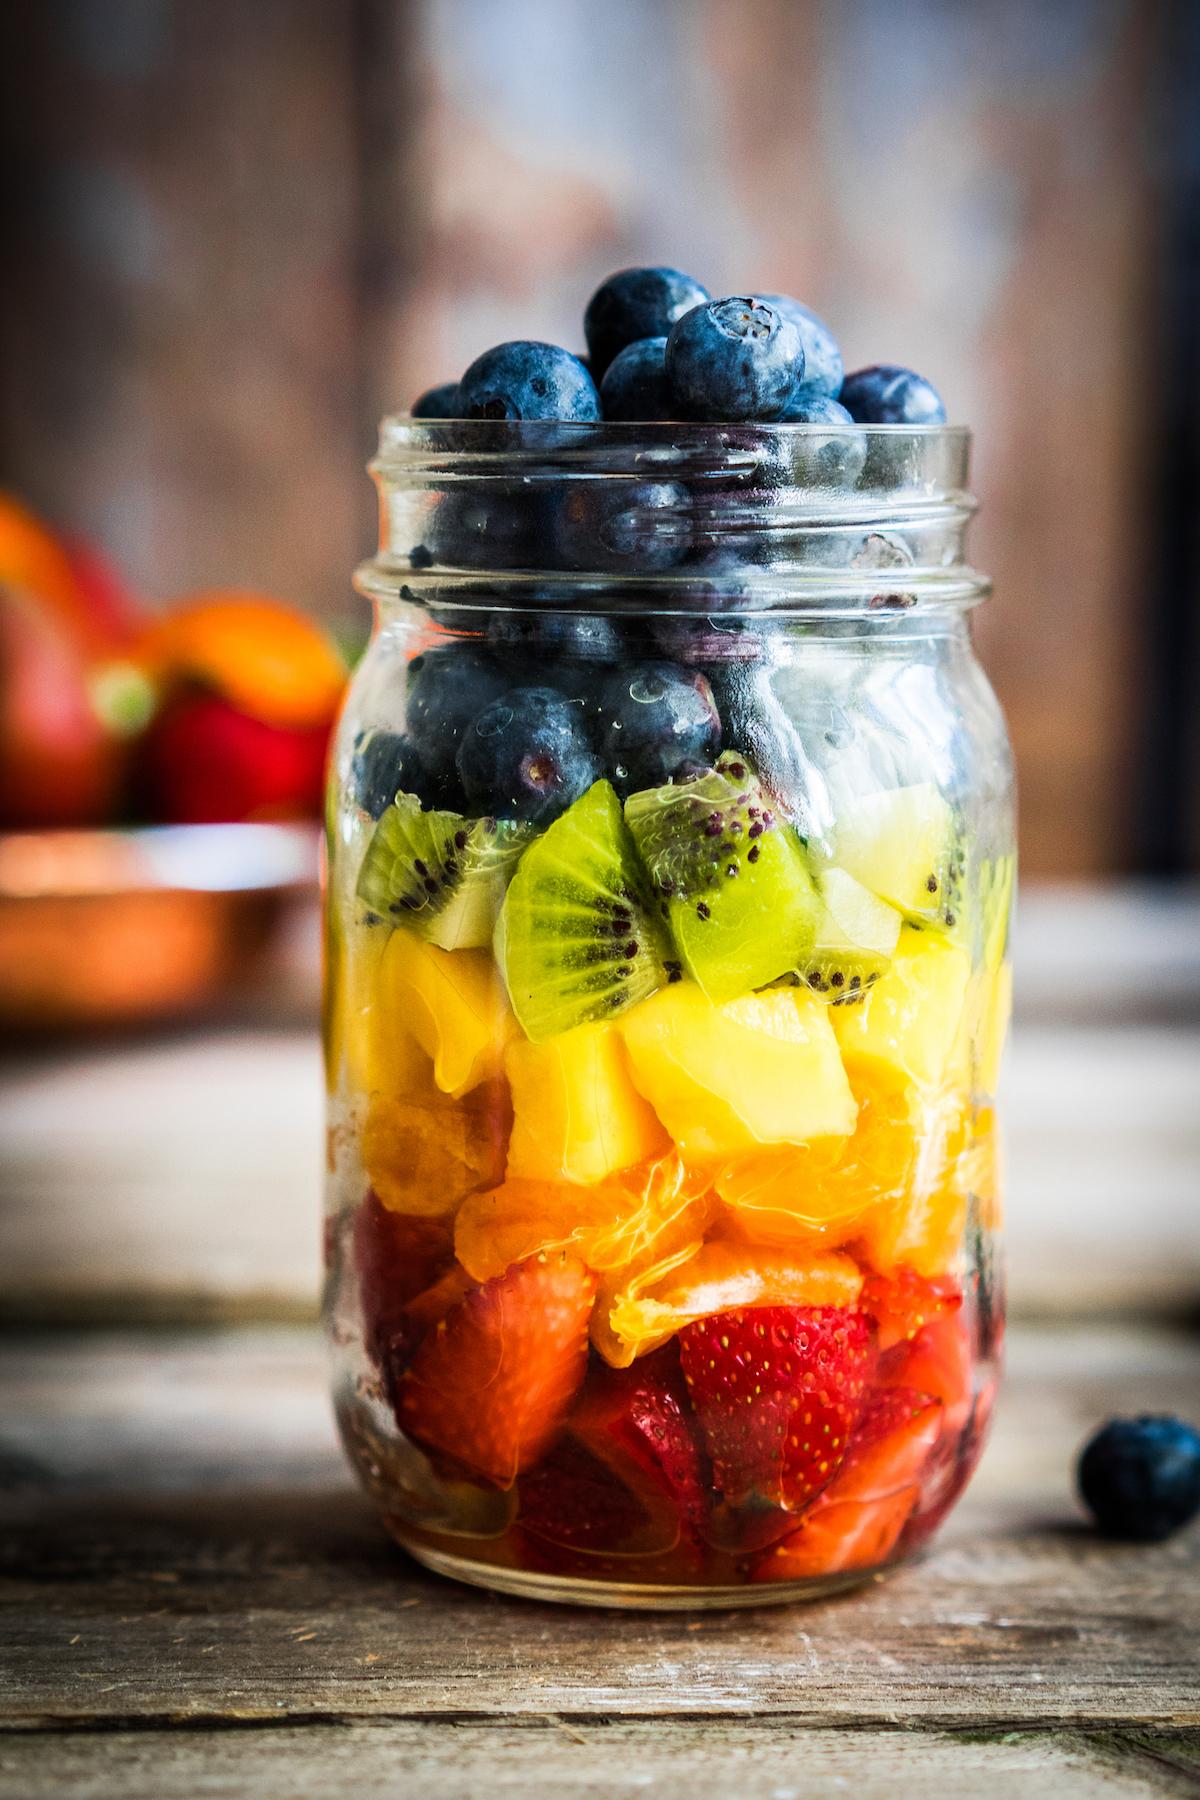 L'alimentation En Chanson - Bourvil, Salade De Fruits avec Chanson Sur Les Fruits Et Légumes